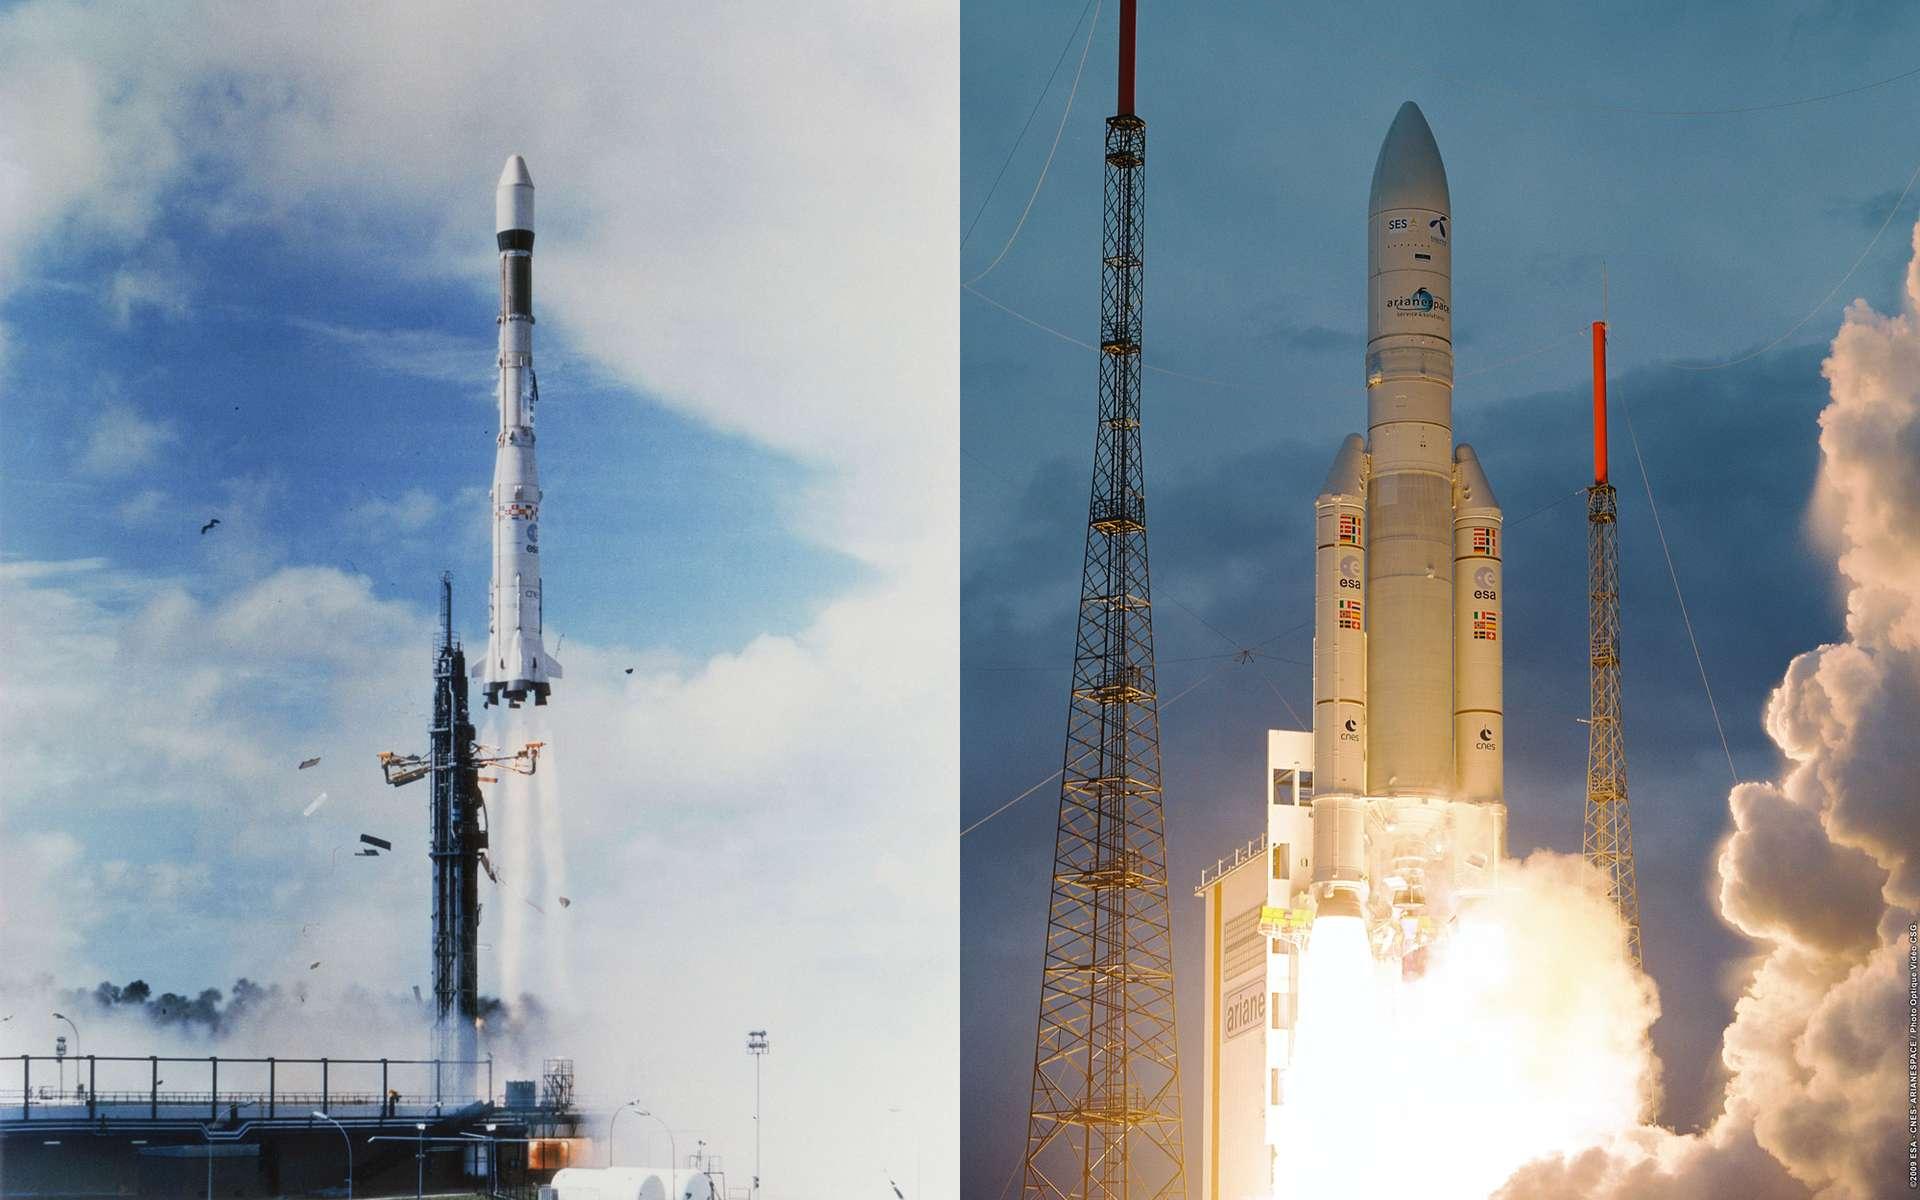 D'Ariane 1 à Ariane 5, cette famille de lanceur a assuré à l'Europe trois décennies d'accès indépendant à l'espace. Crédits Esa / Cnes / Arianespace - Service optique CSG